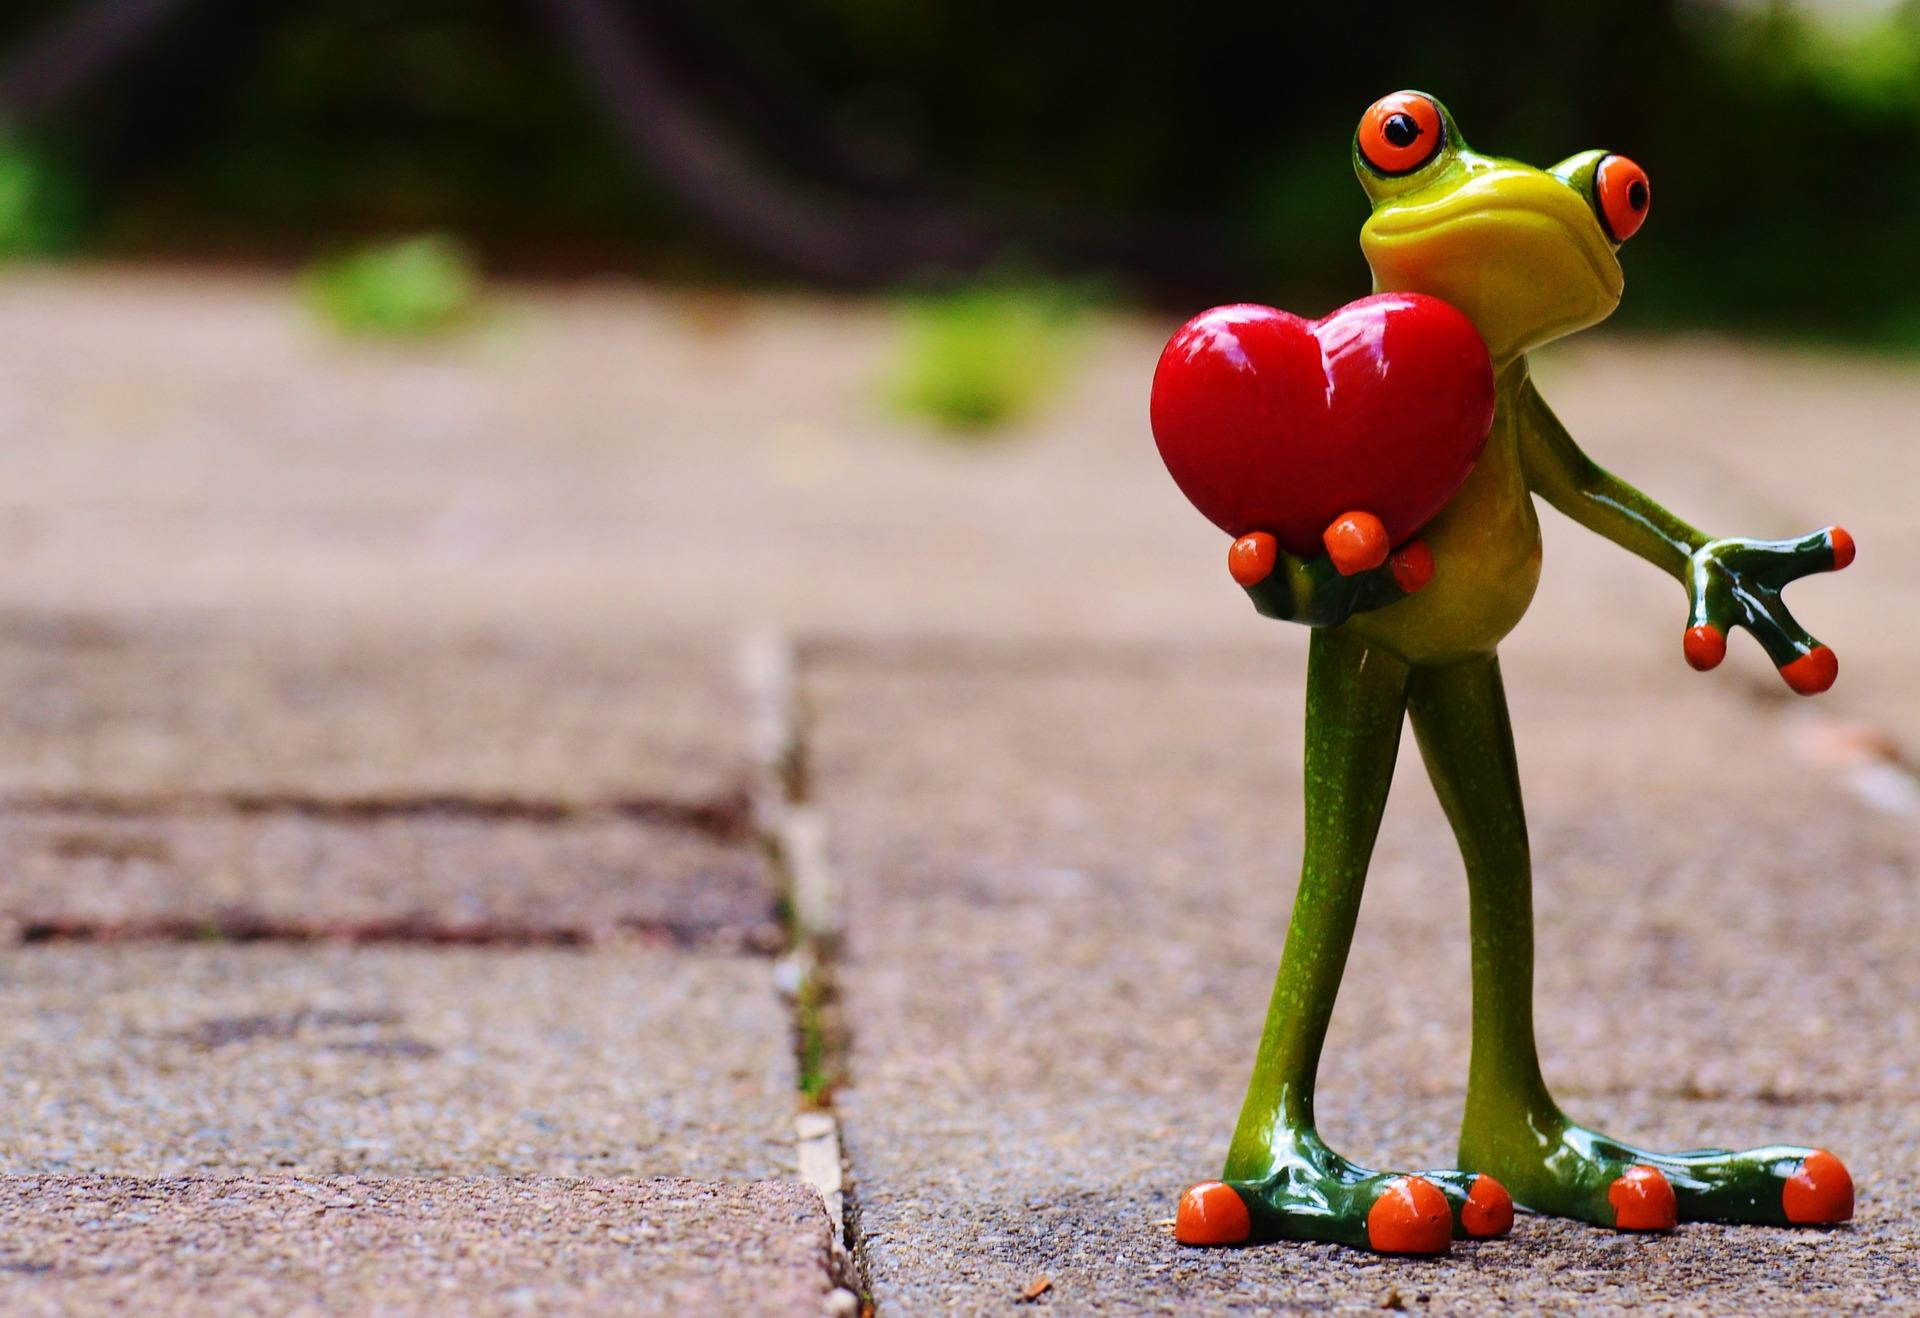 Prawdziwie wielcy ludzie wywołują w nas poczucie, że sami możemy stać się wielcy